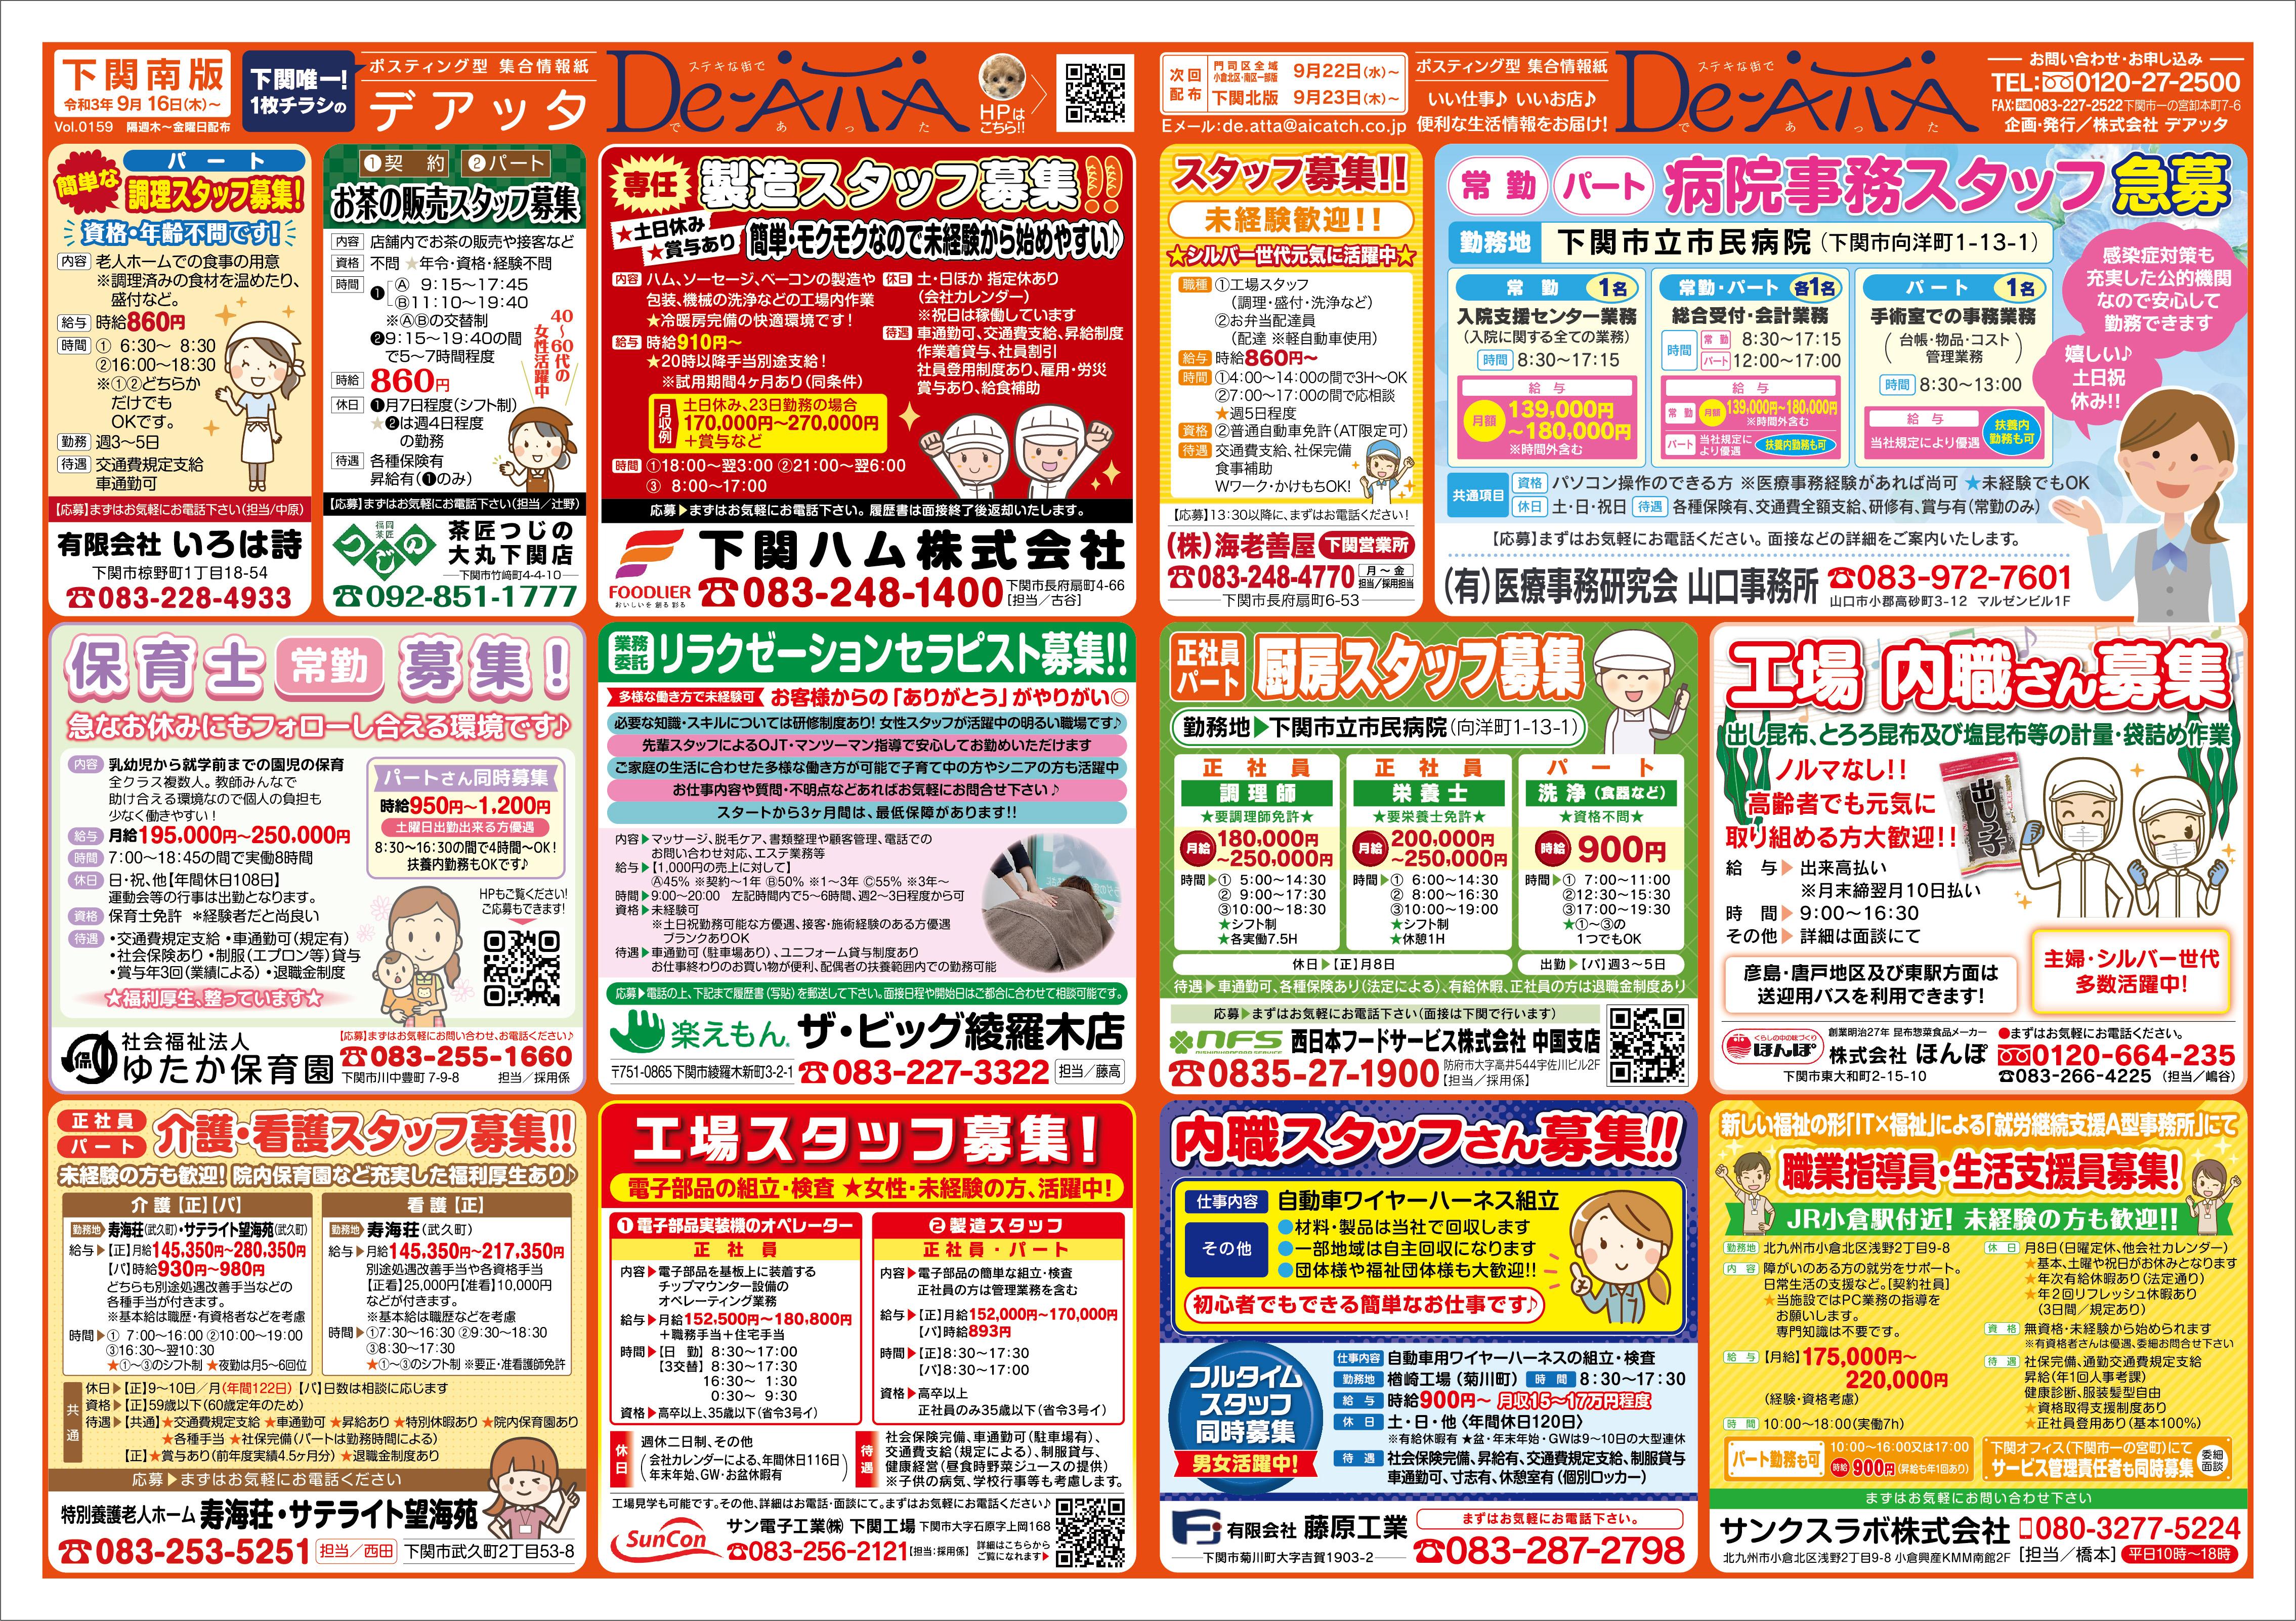 下関南版 令和3年9月16日号デアッタチラシ表イメージ